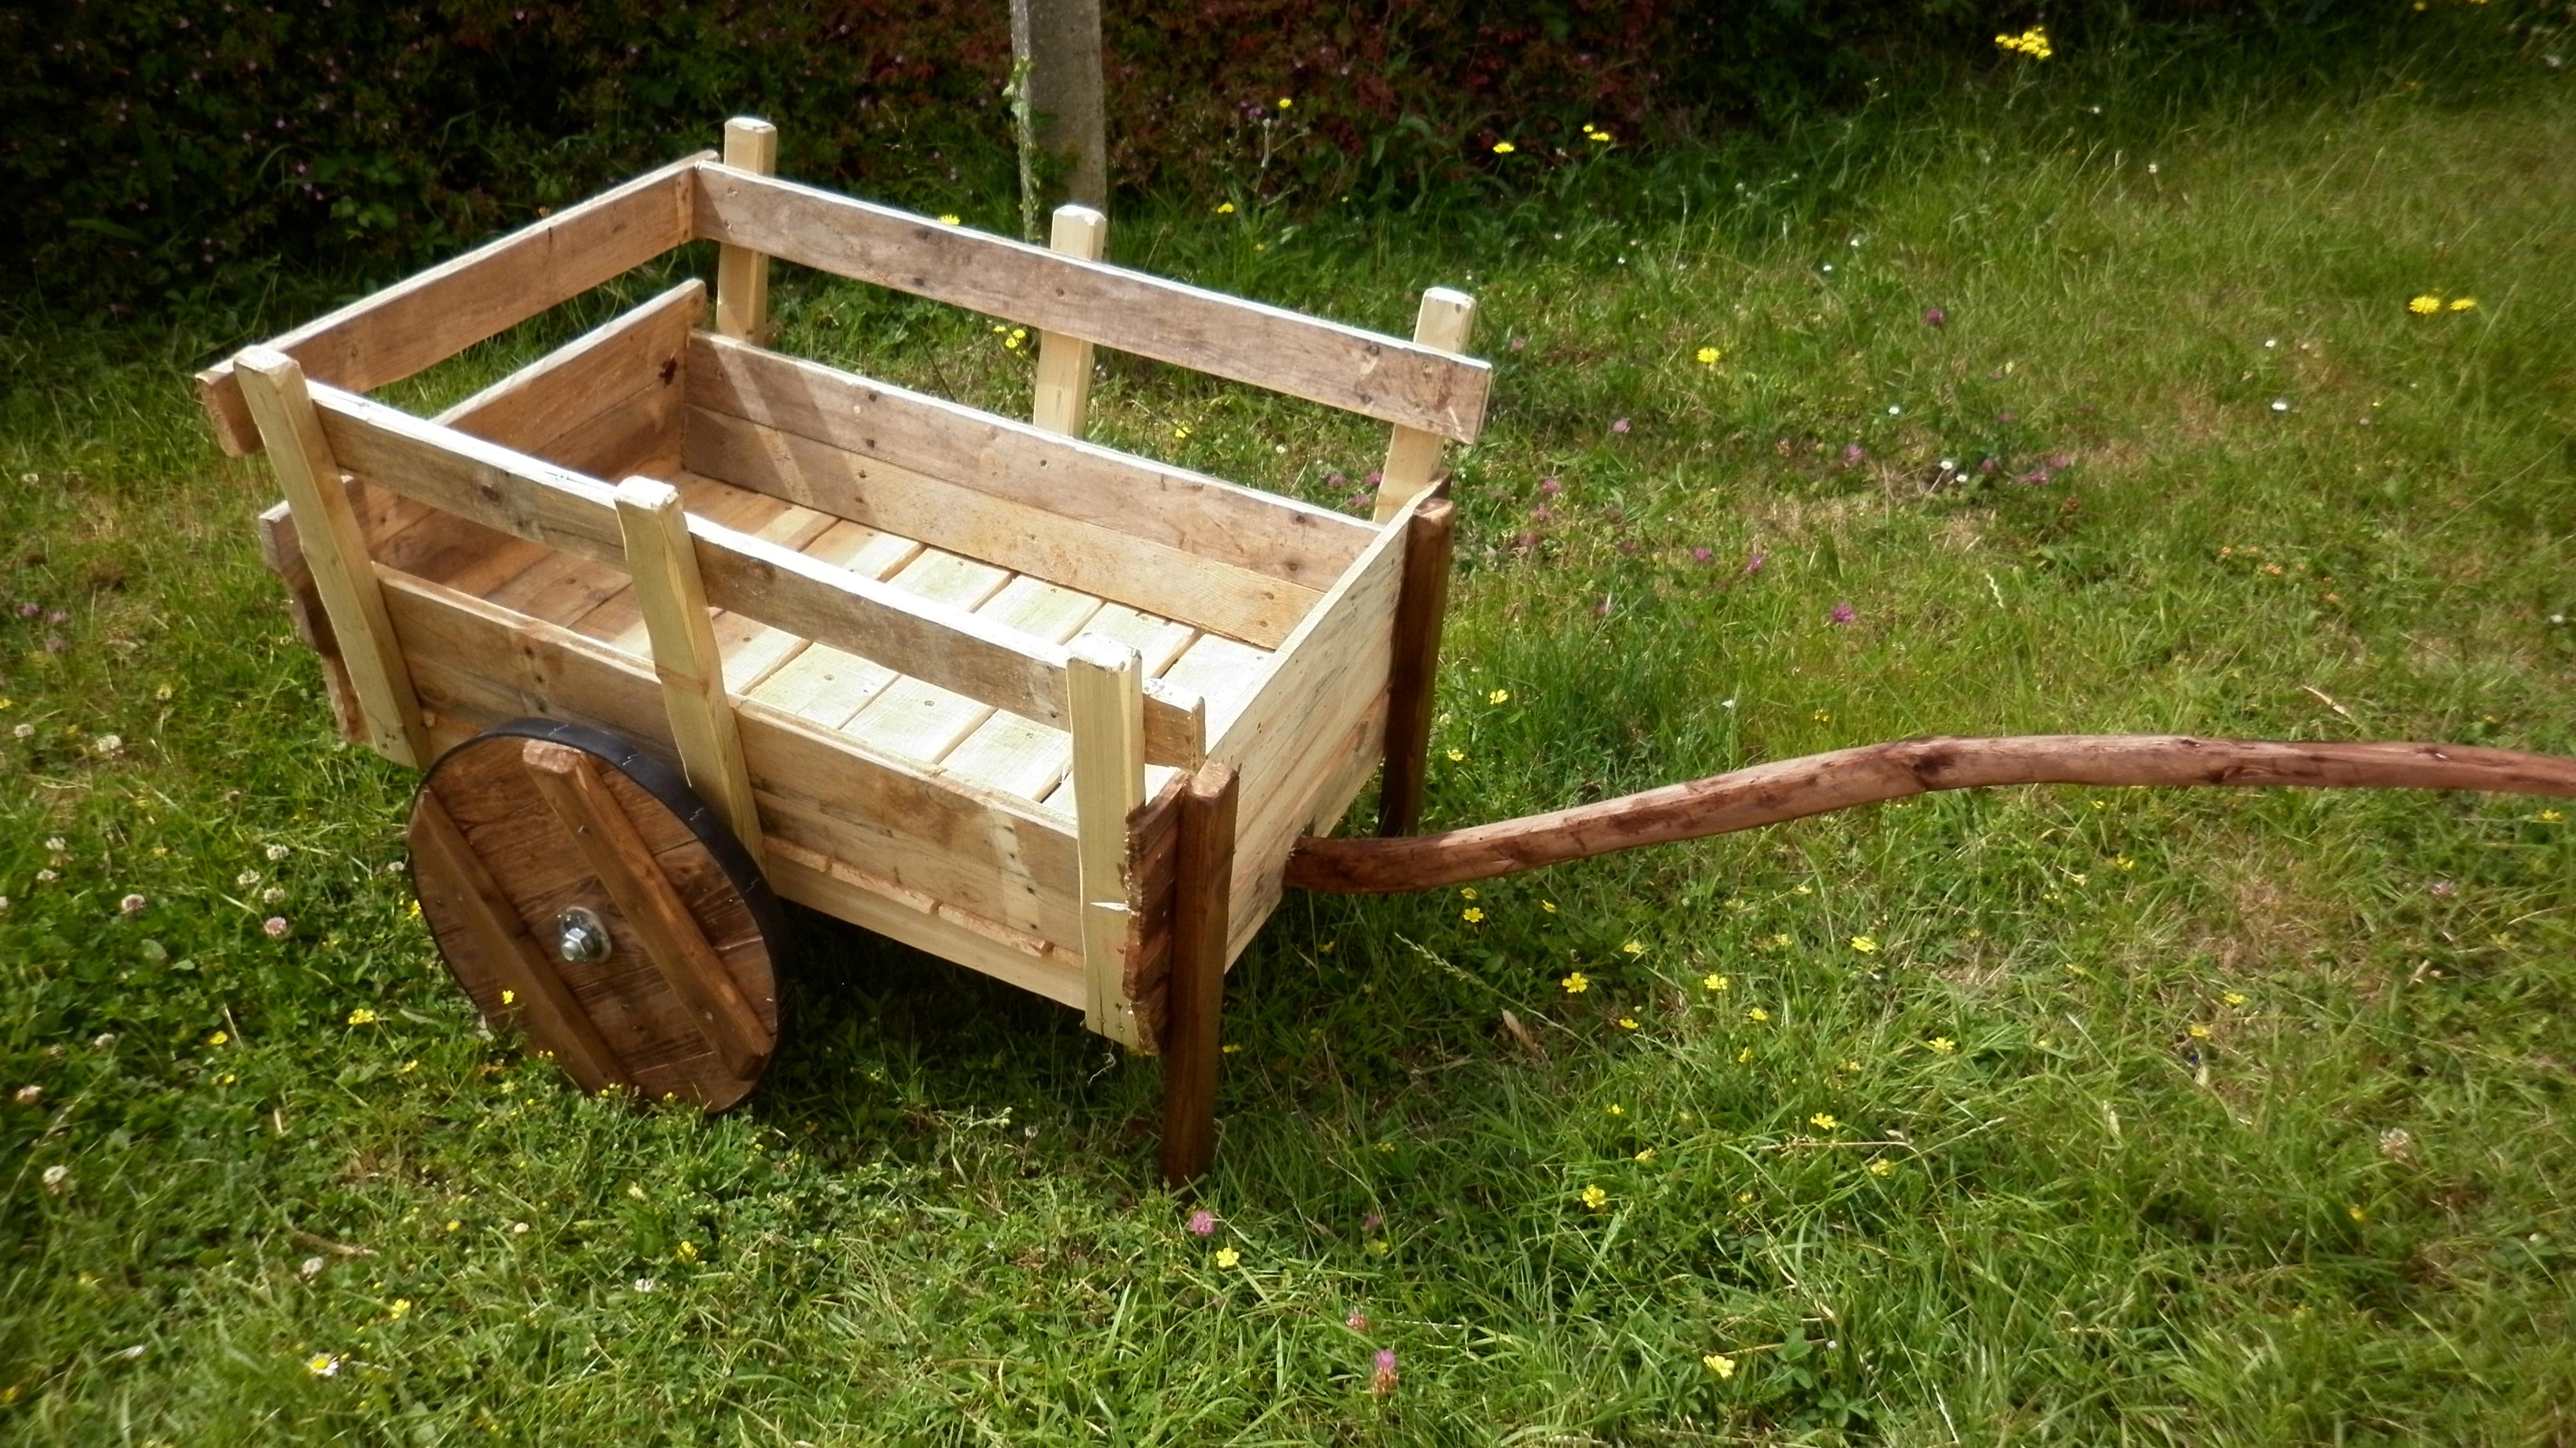 Article construire une charrette en palette l 39 atelier de peyo - Fabriquer un demonte palette ...